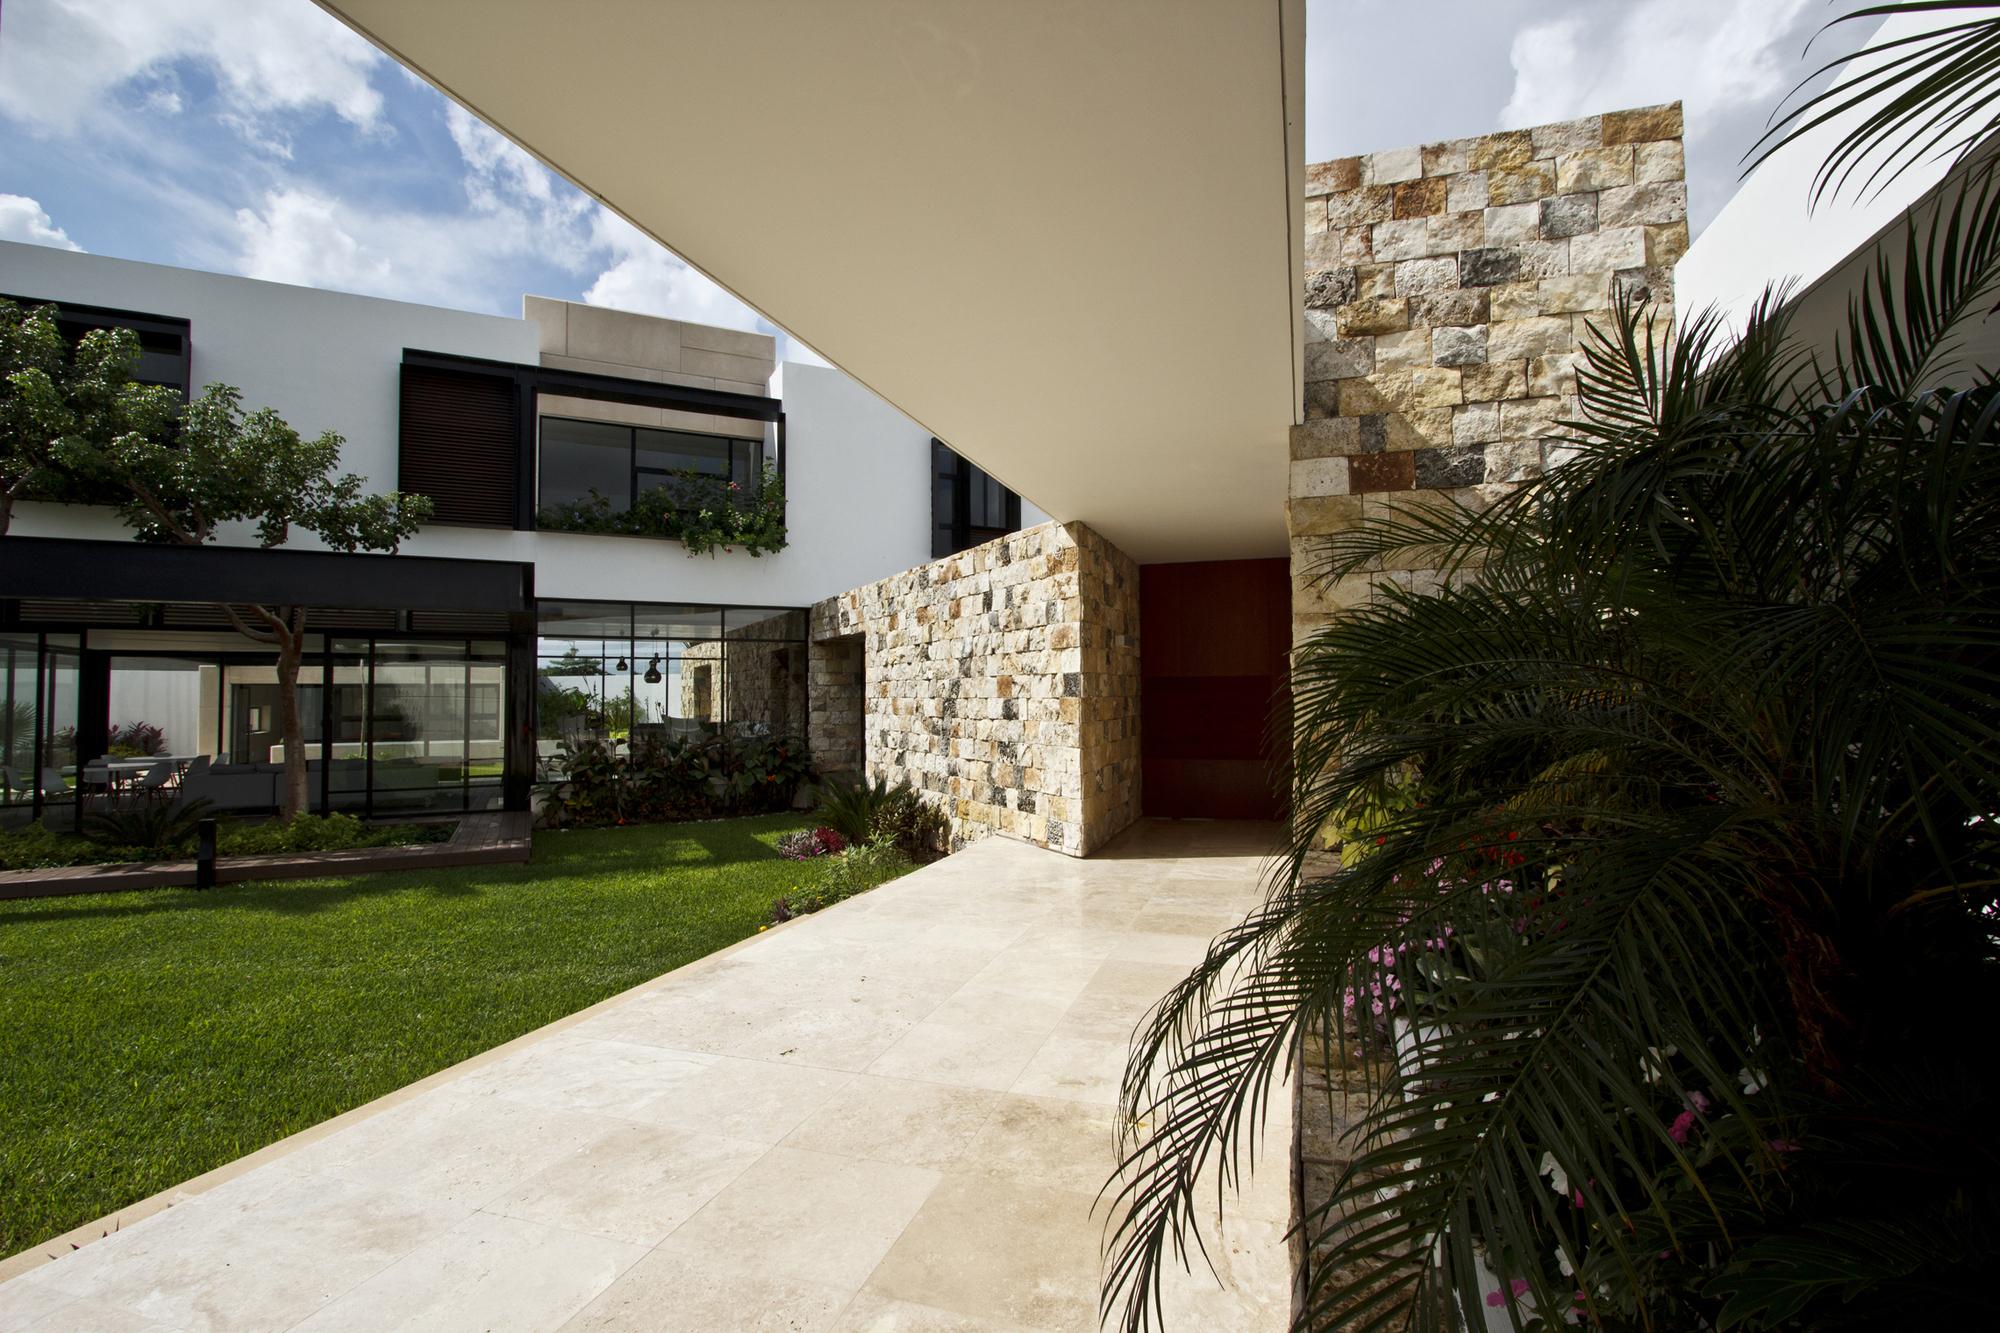 5305f3c0e8e44ed91b000003_temozon-house-carrillo-arquitectos-y-asociados_temozon_foto_04